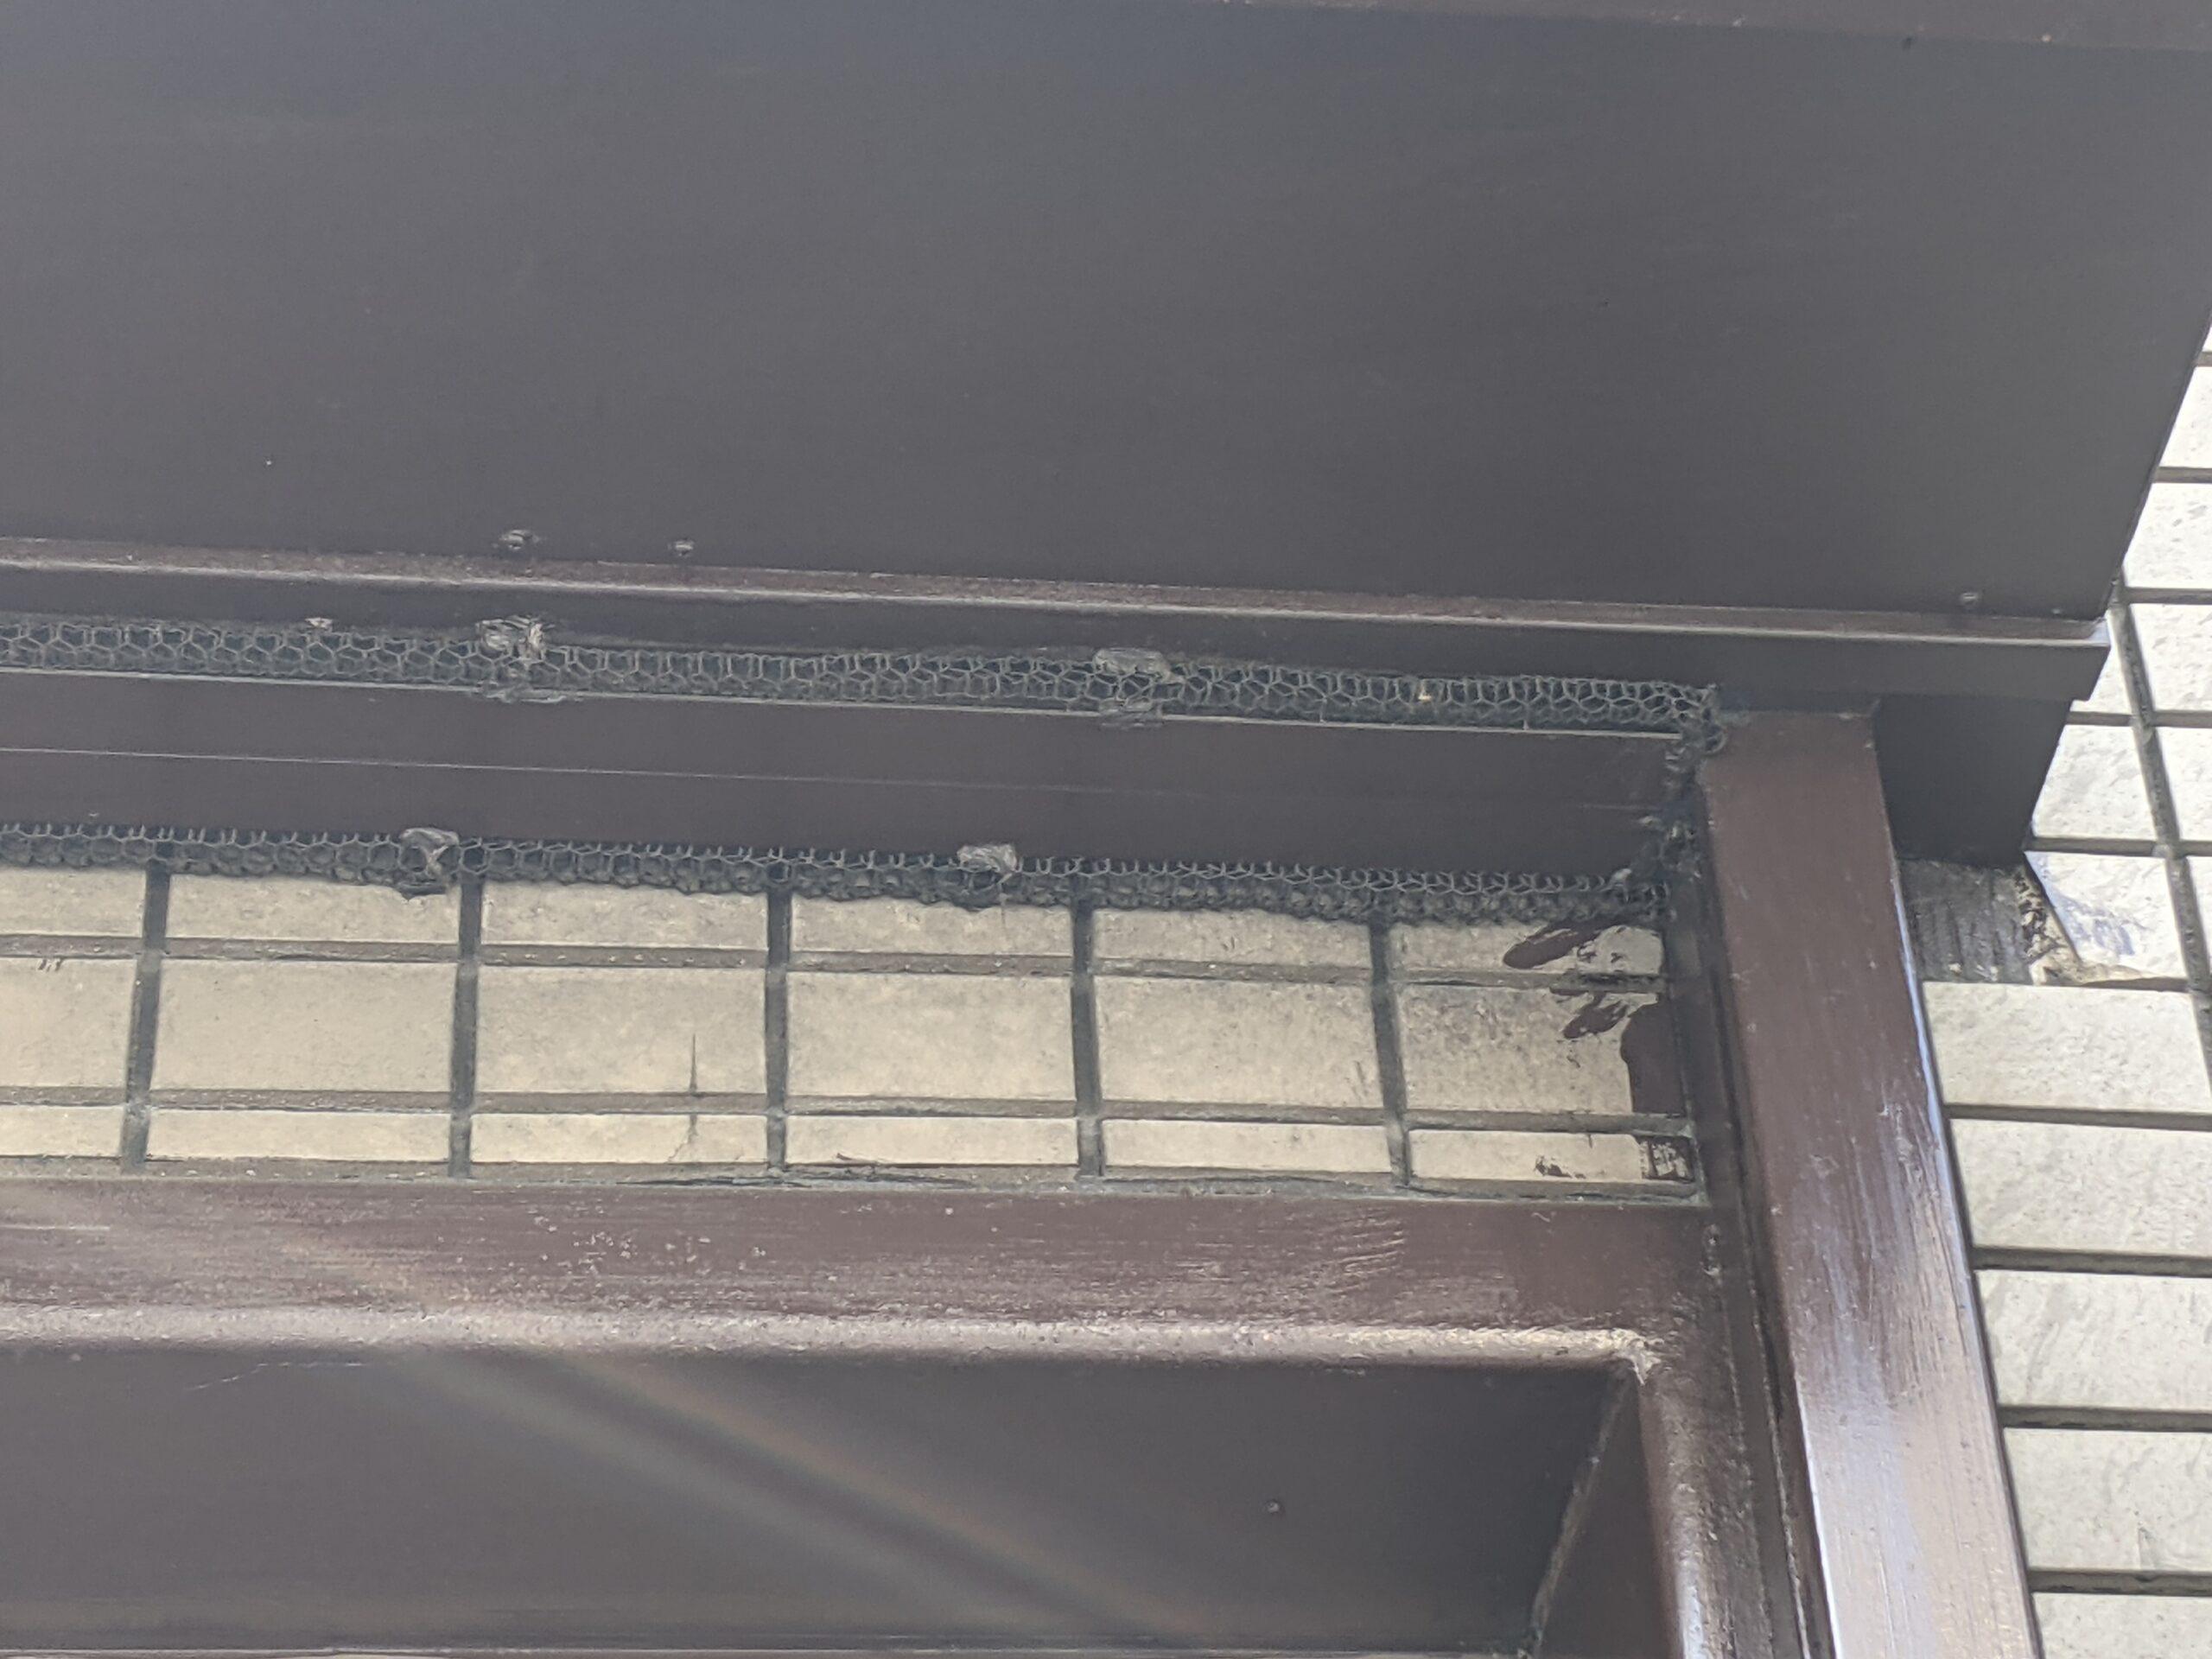 千葉県四街道市のH様のネズミ駆除:施工後